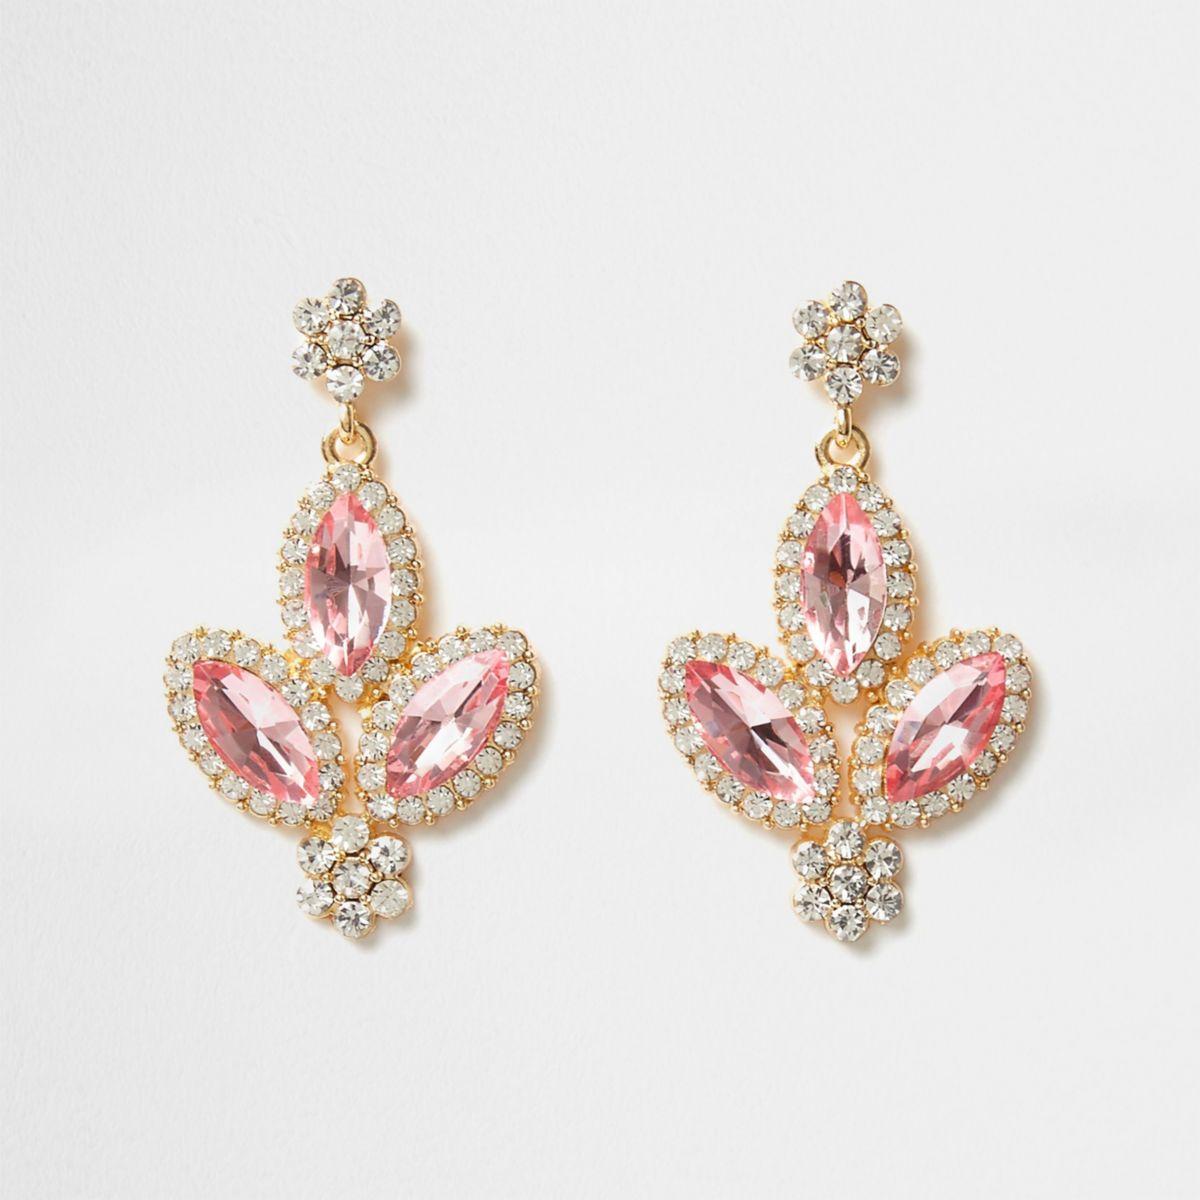 Pink jewel embellished drop earrings